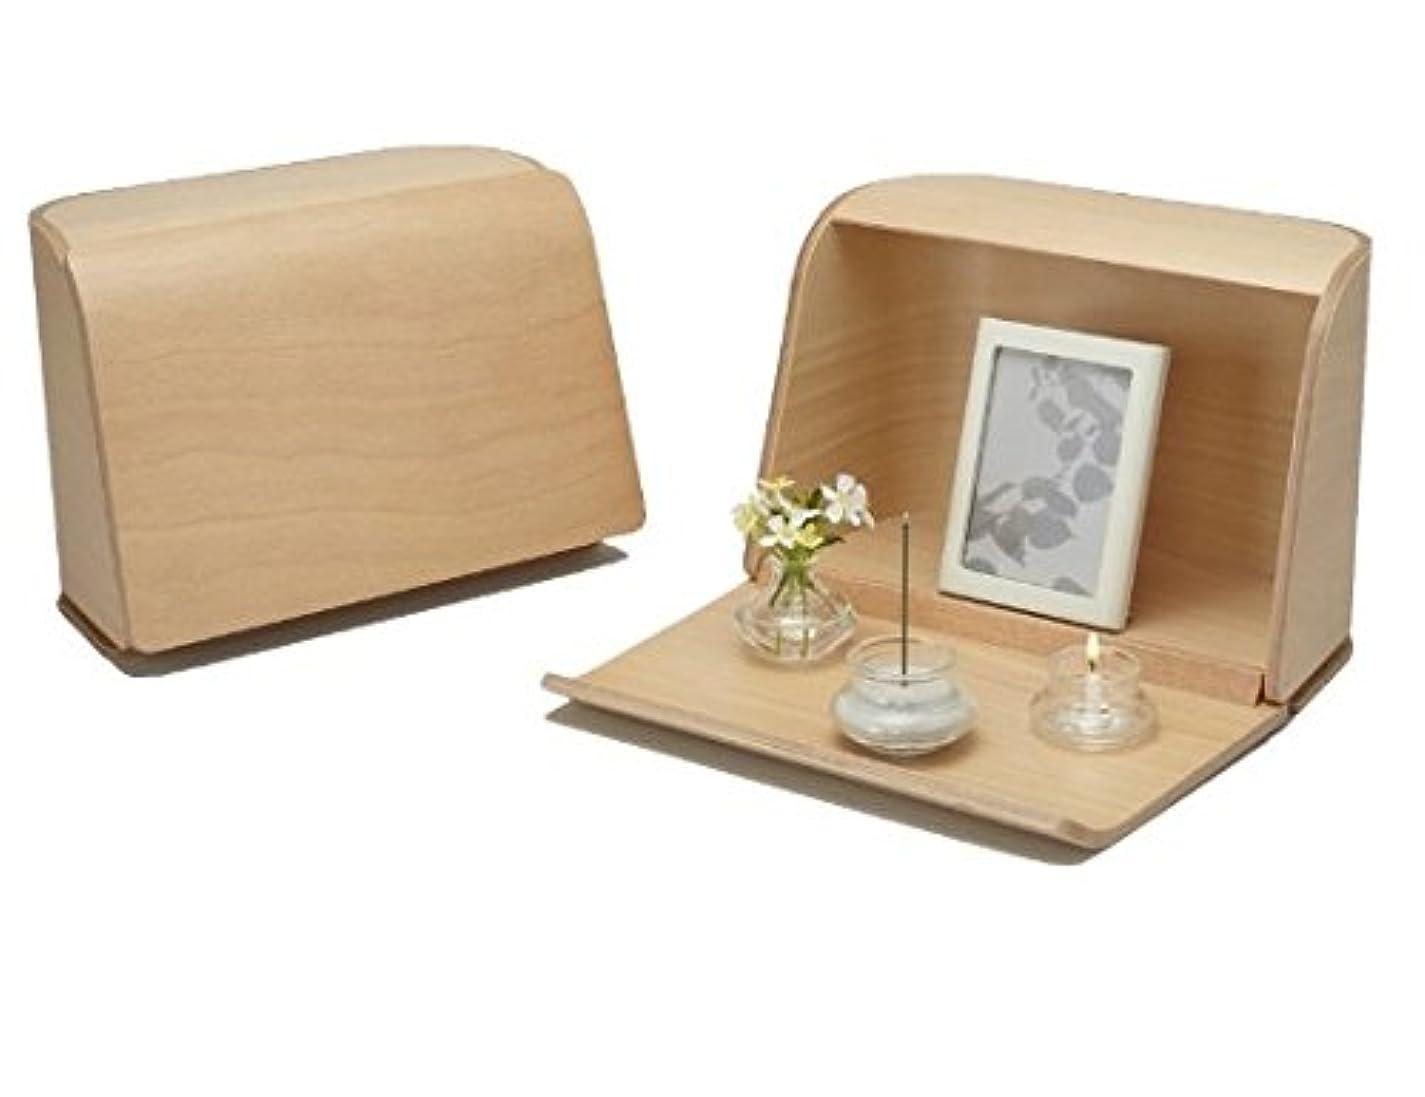 全能絶えずケージやさしい時間祈りの手箱ナチュラル × 3個セット